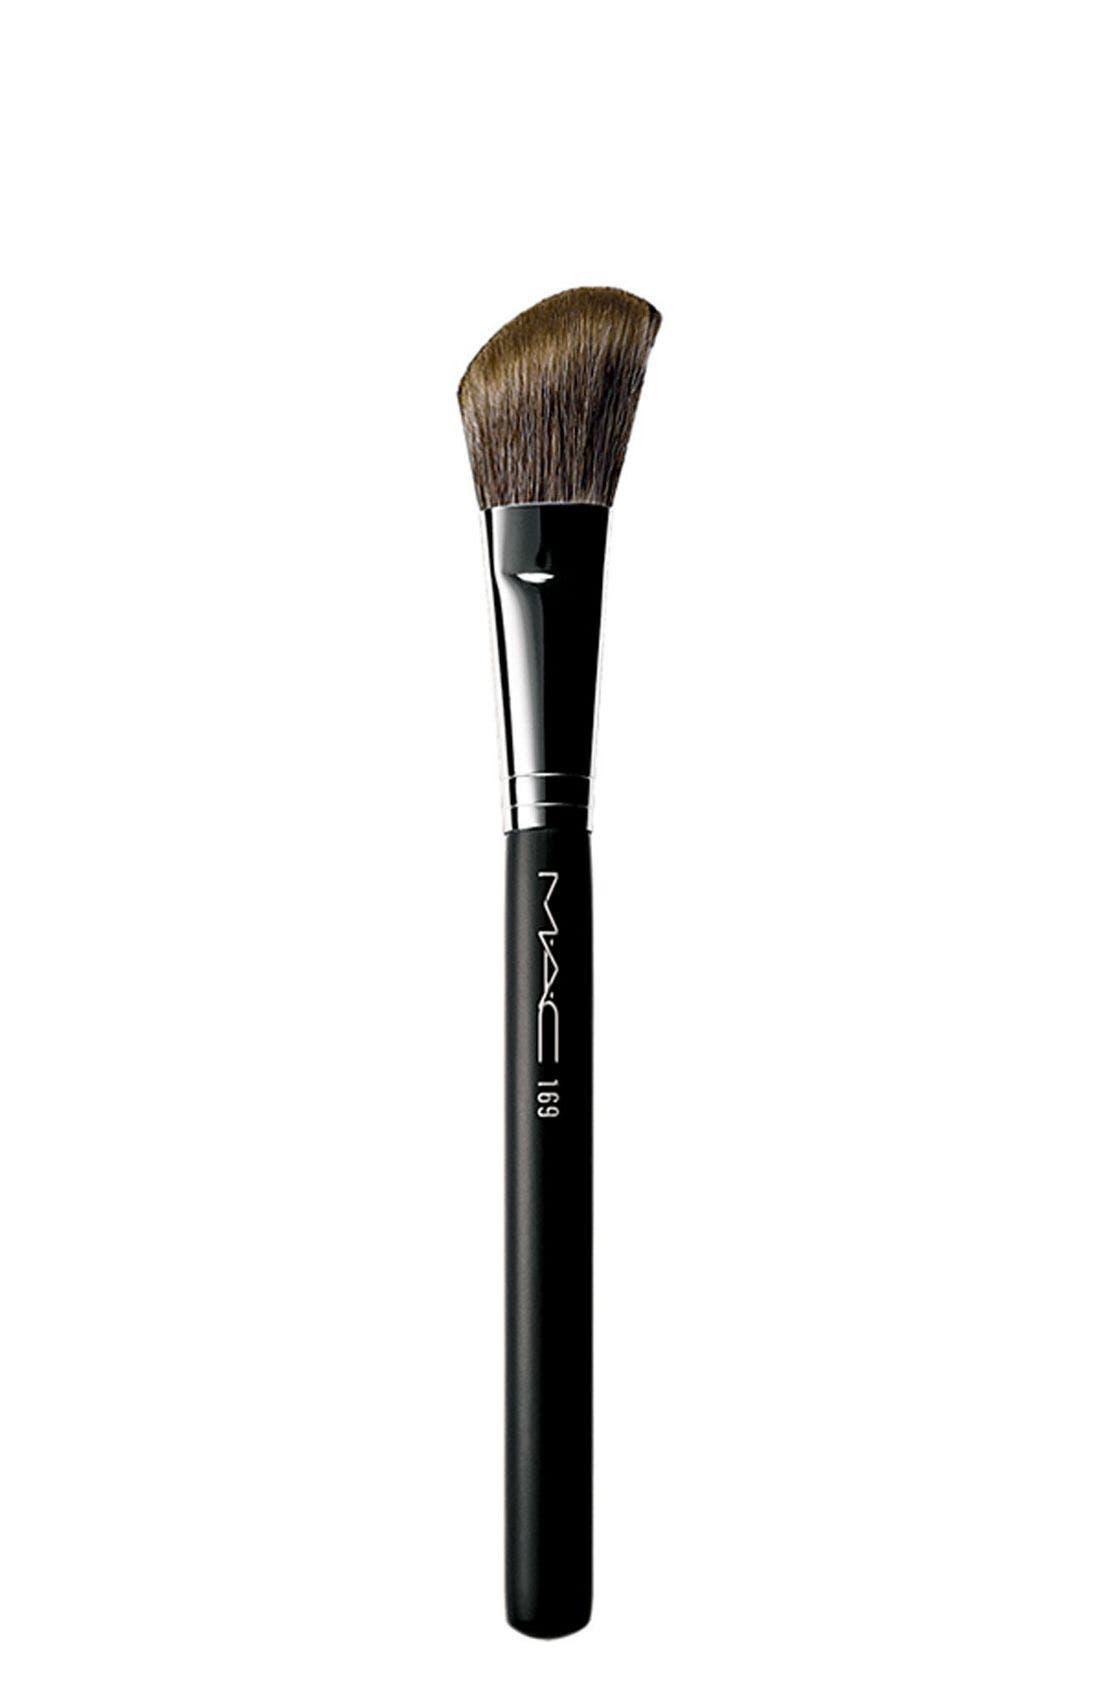 M·A·C 169 Angled Blush Brush,                             Main thumbnail 1, color,                             000